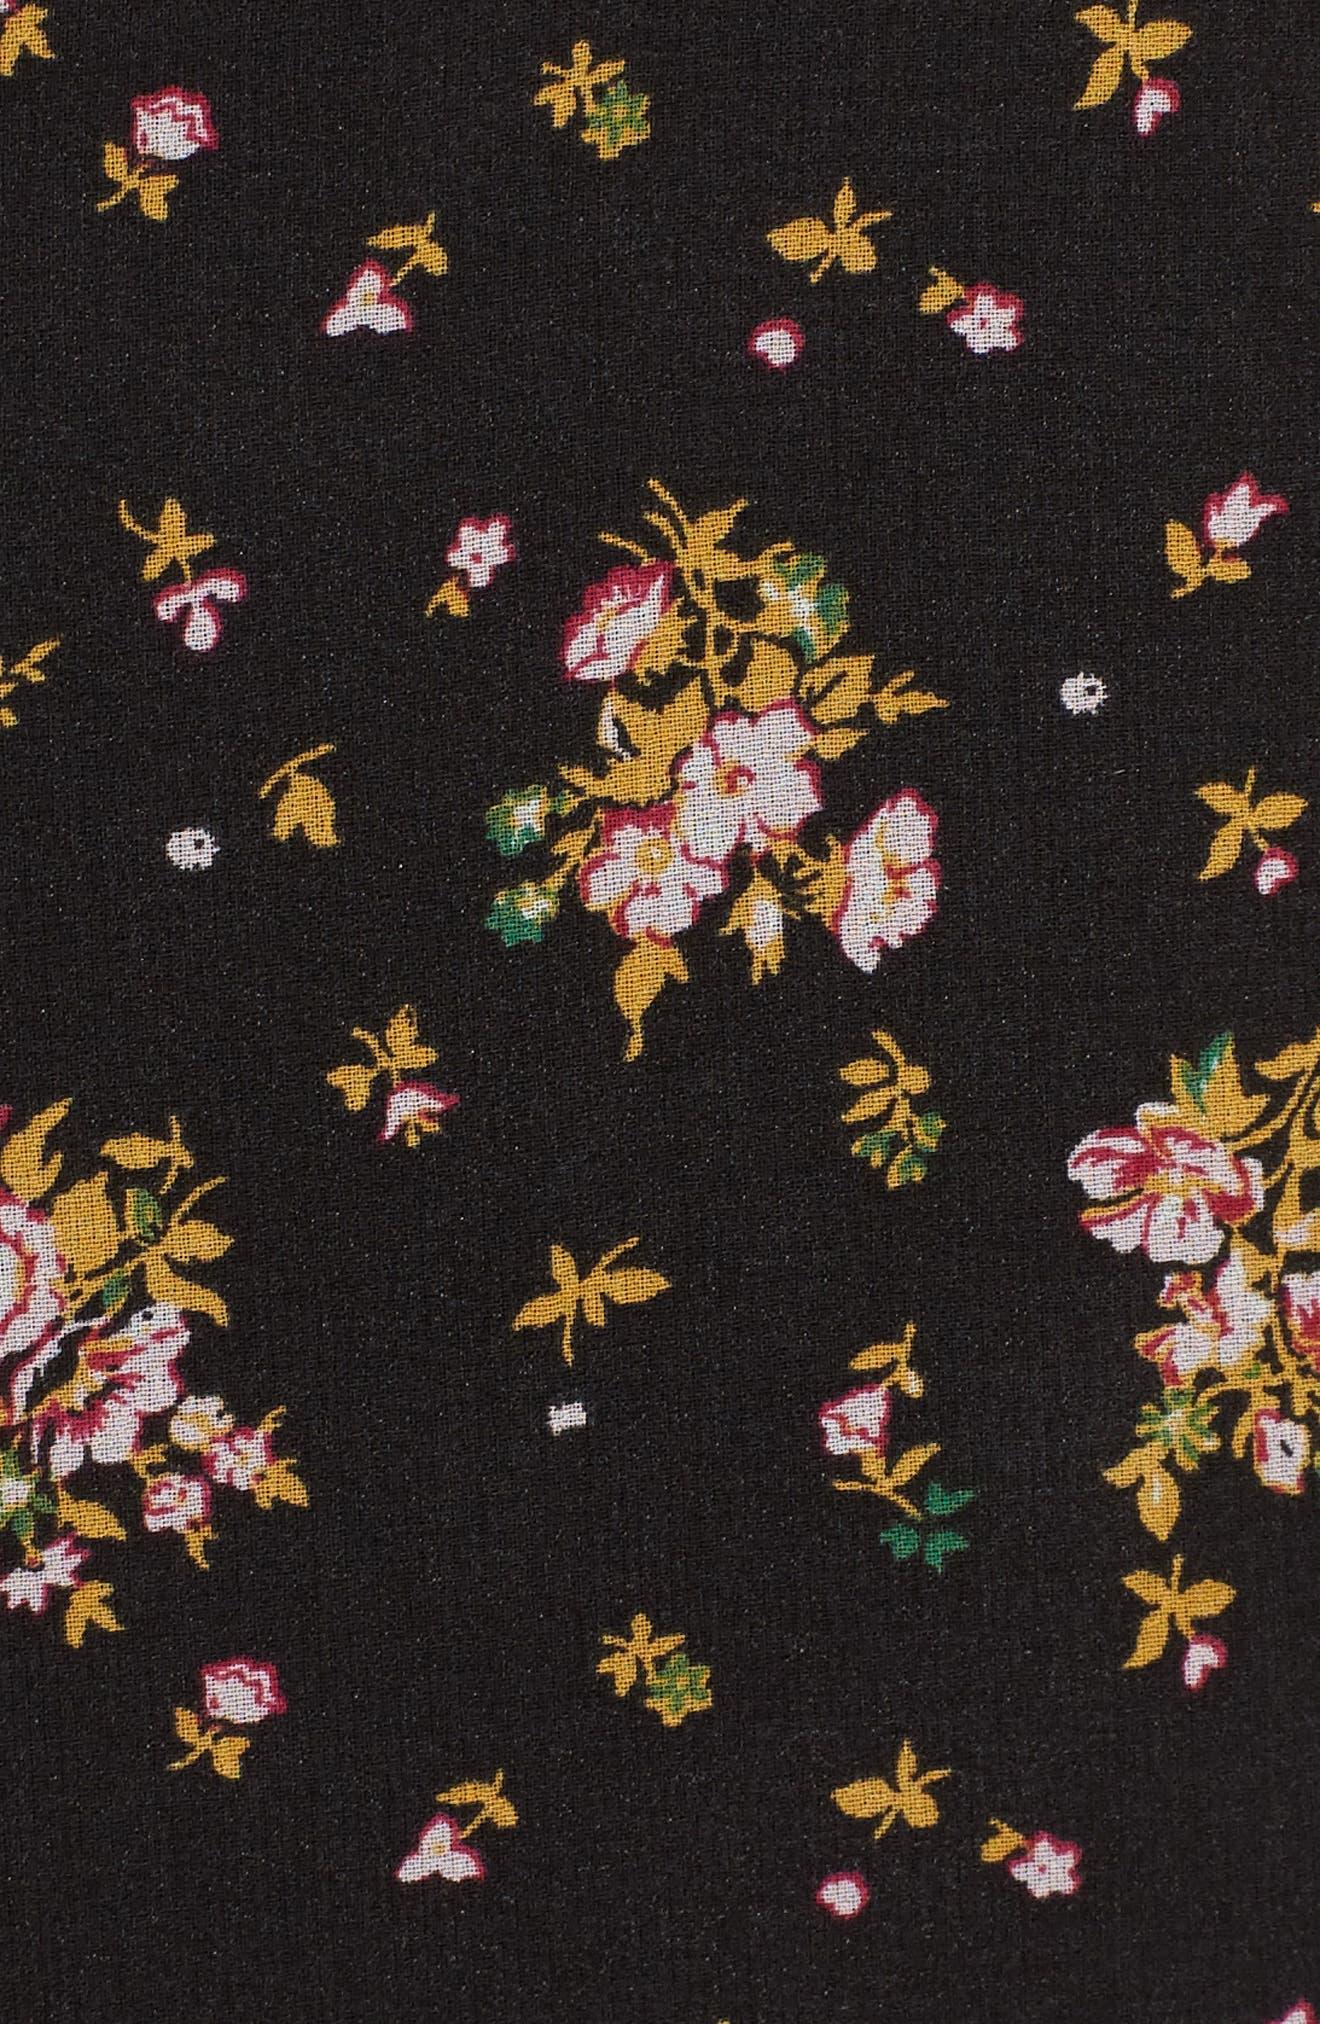 Tie Front Midi Dress,                             Alternate thumbnail 5, color,                             Black Ditzy Floral